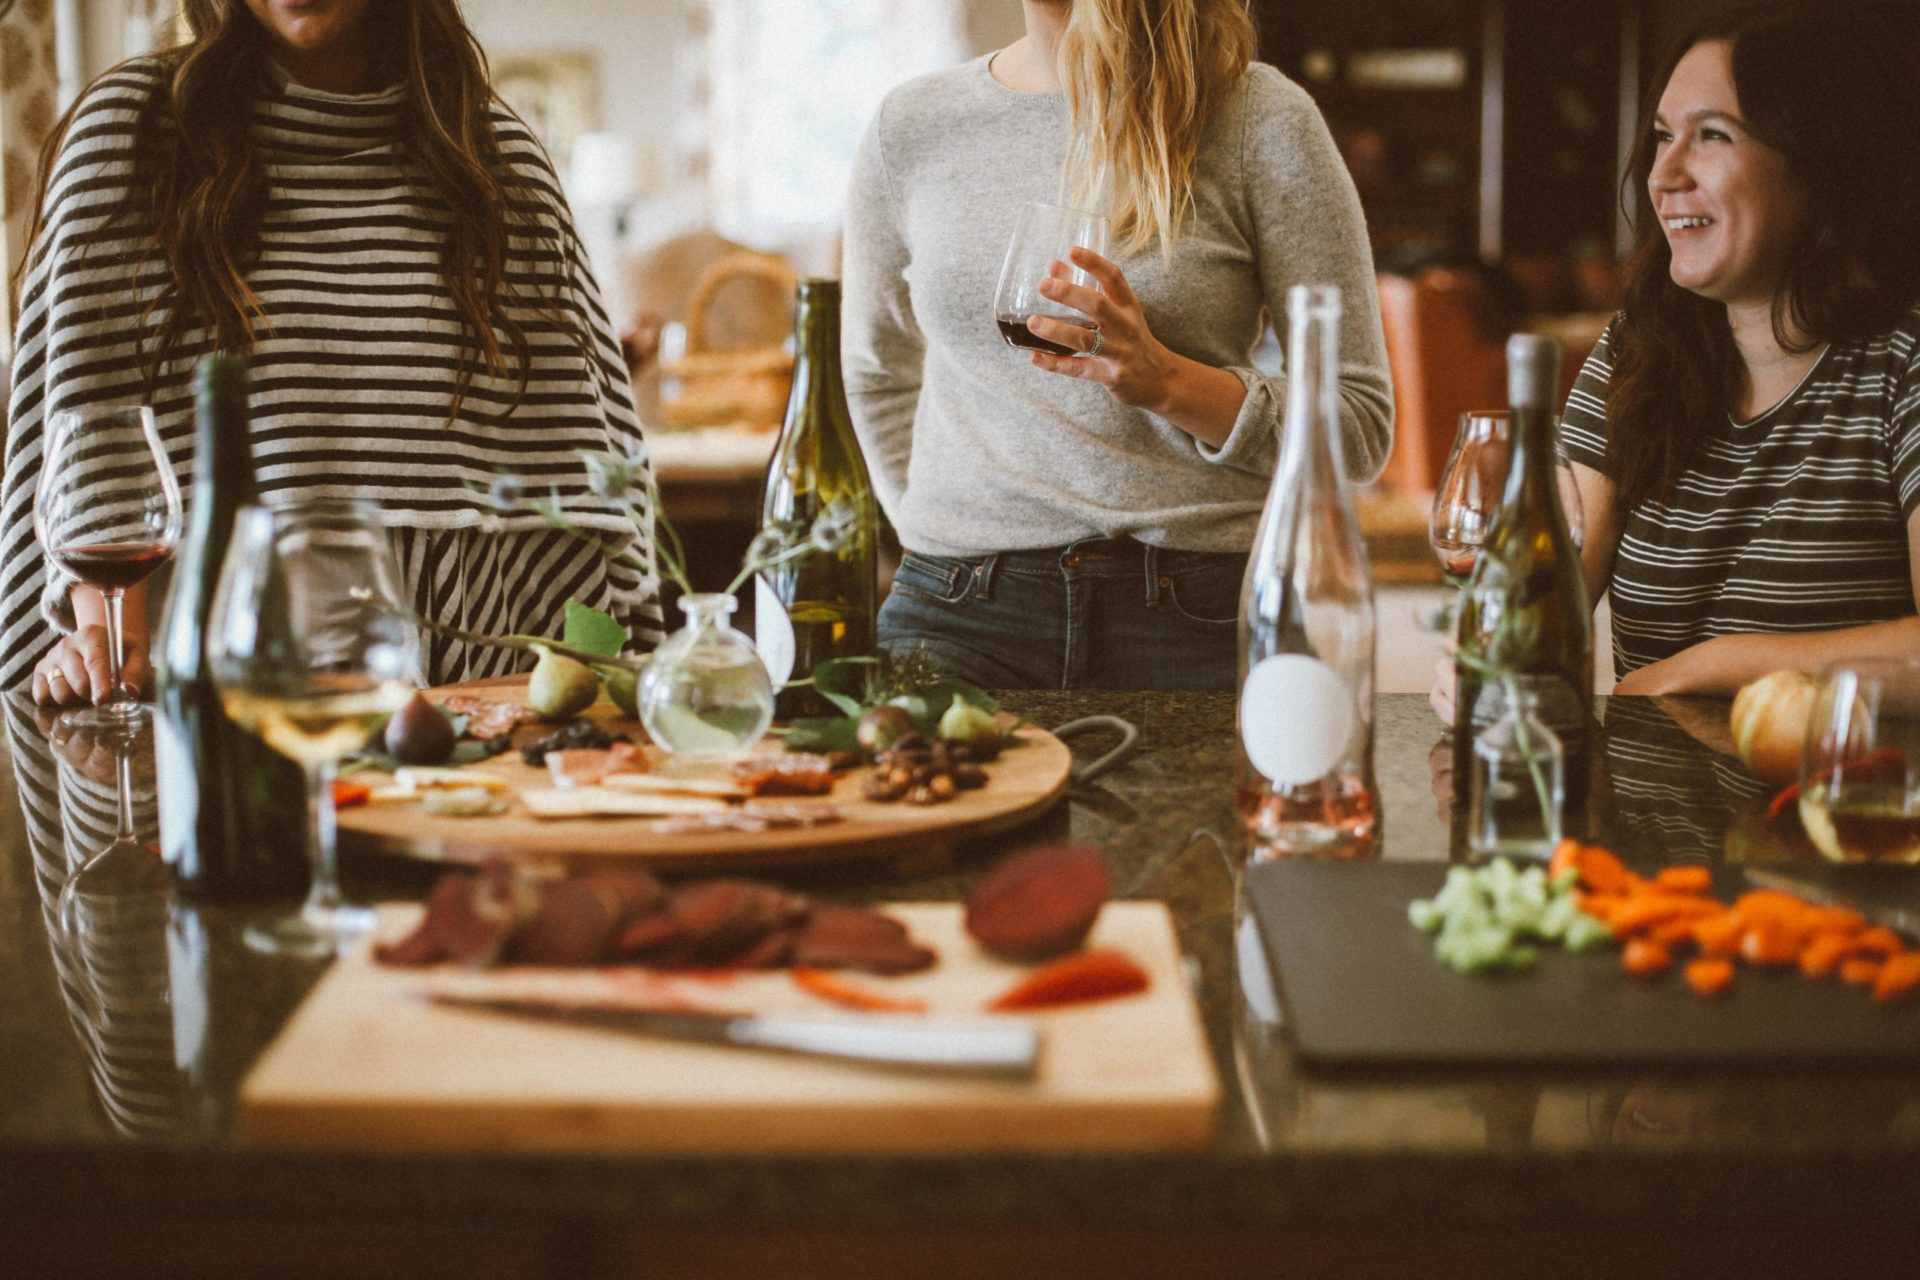 お酒が弱い人でも楽しめるアルコール度数低めのワインおすすめ3選